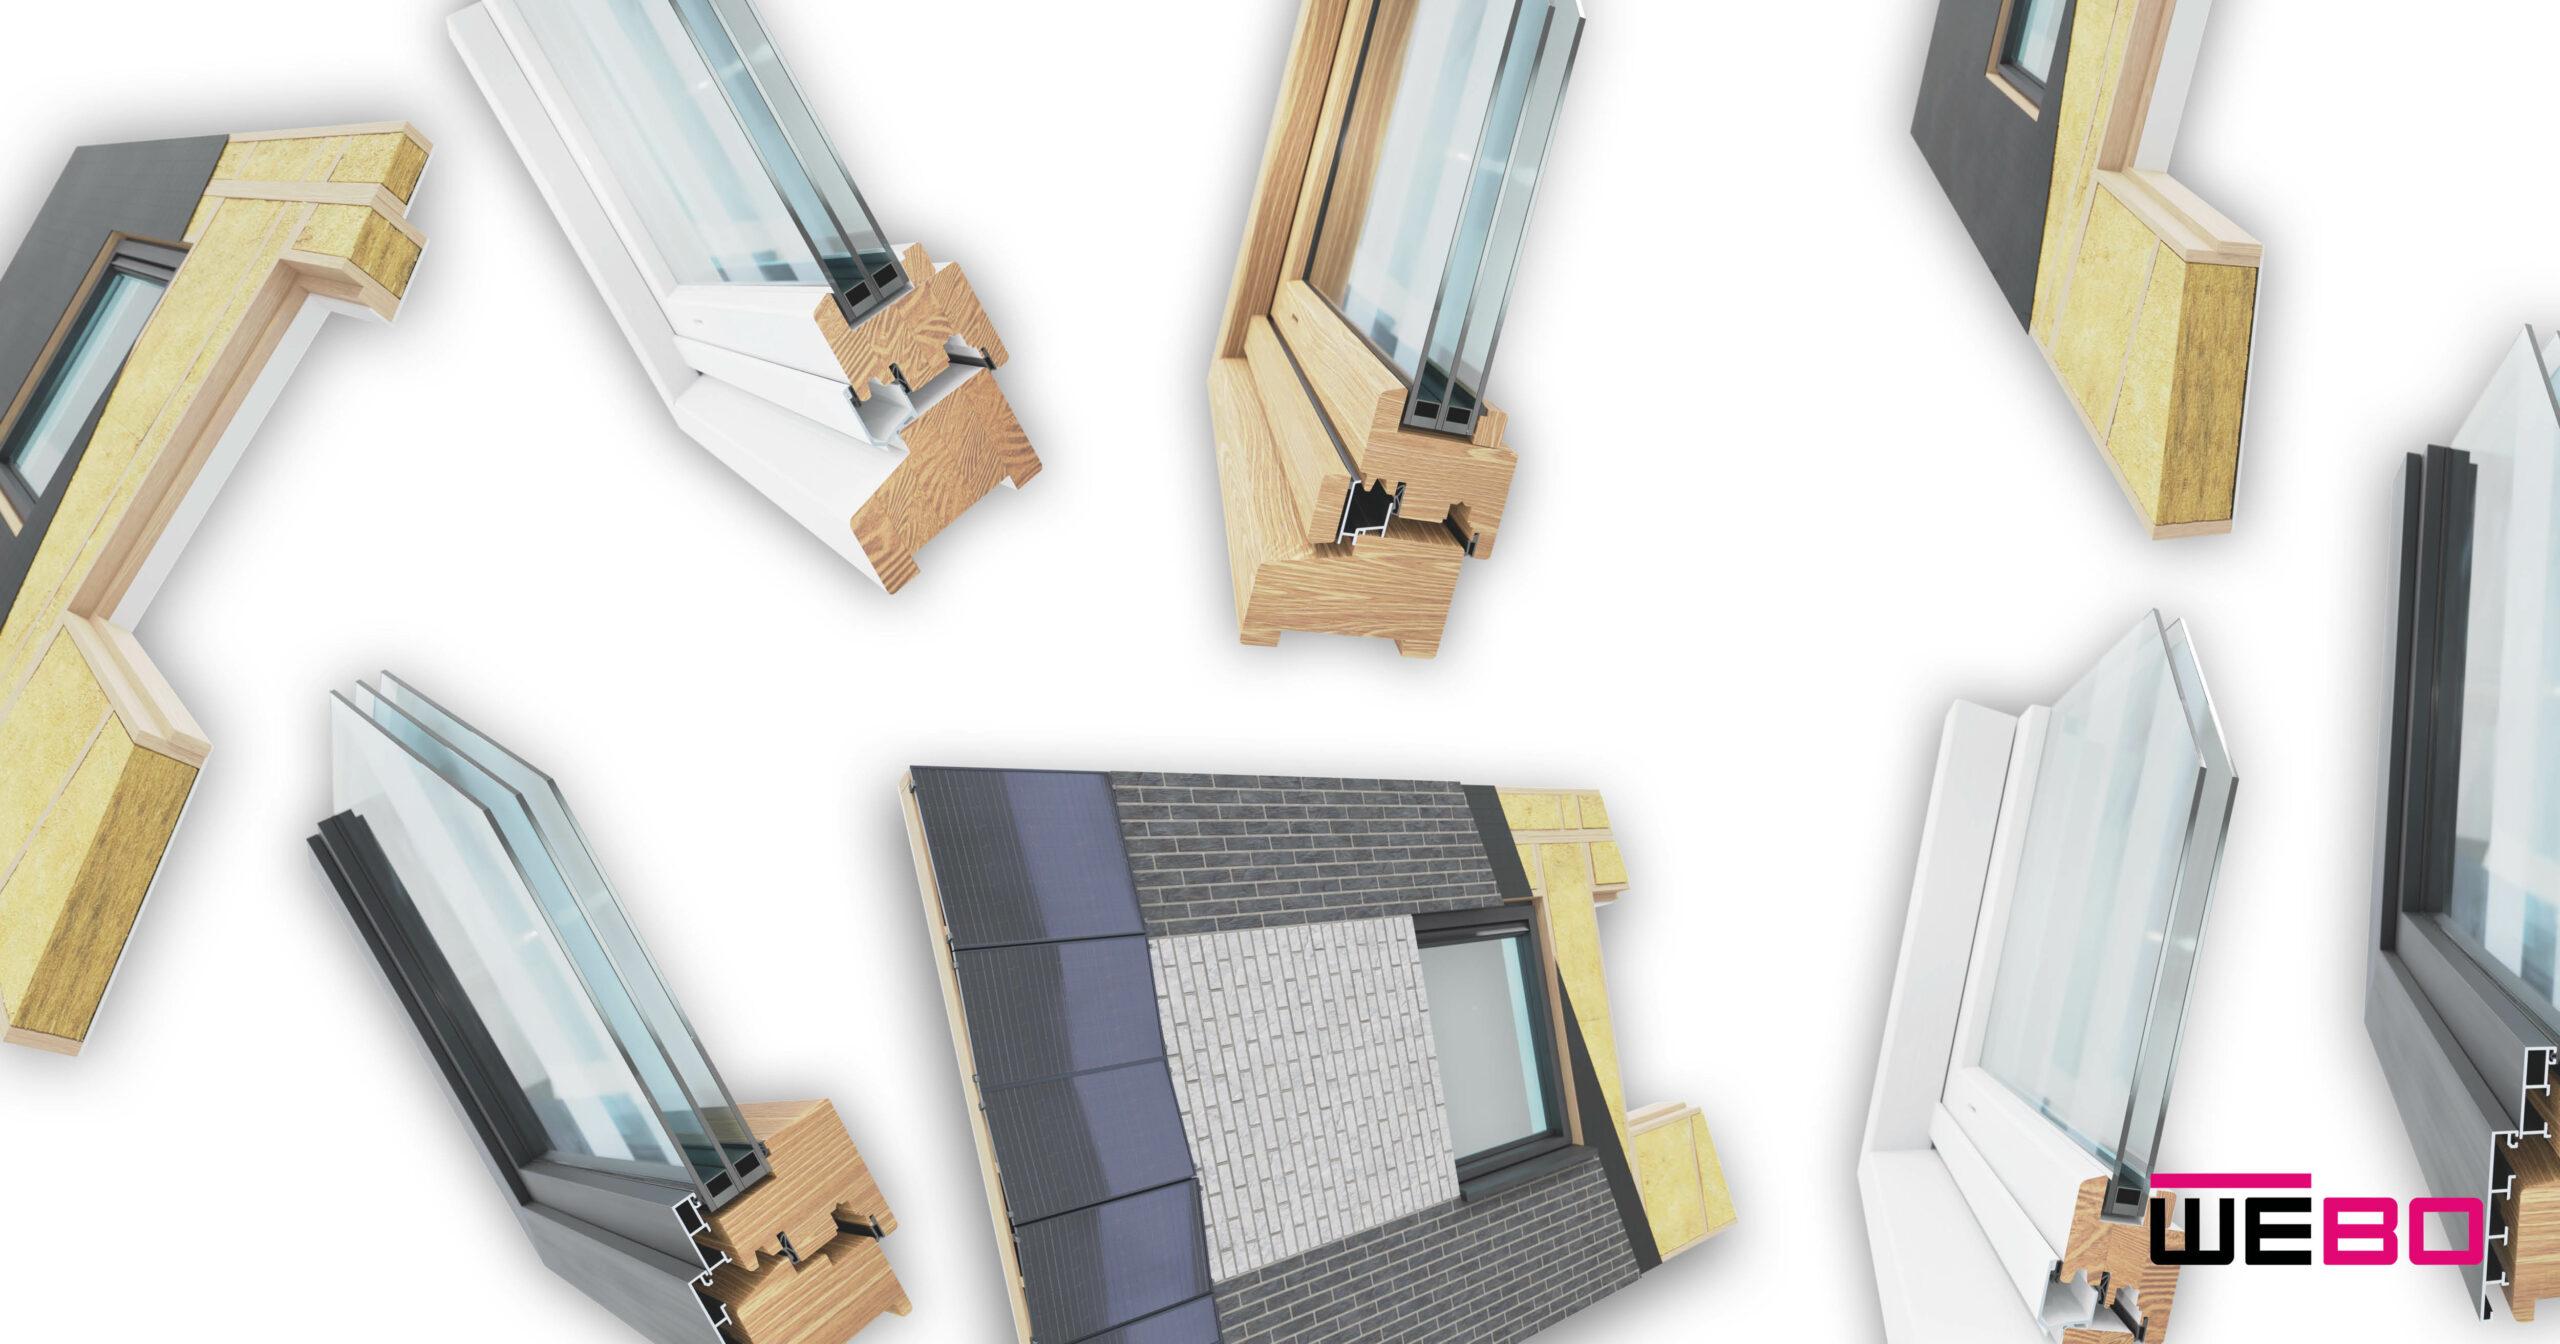 Uitvinder WEBO ontwikkelt nieuwe standaard in de bouwwereld